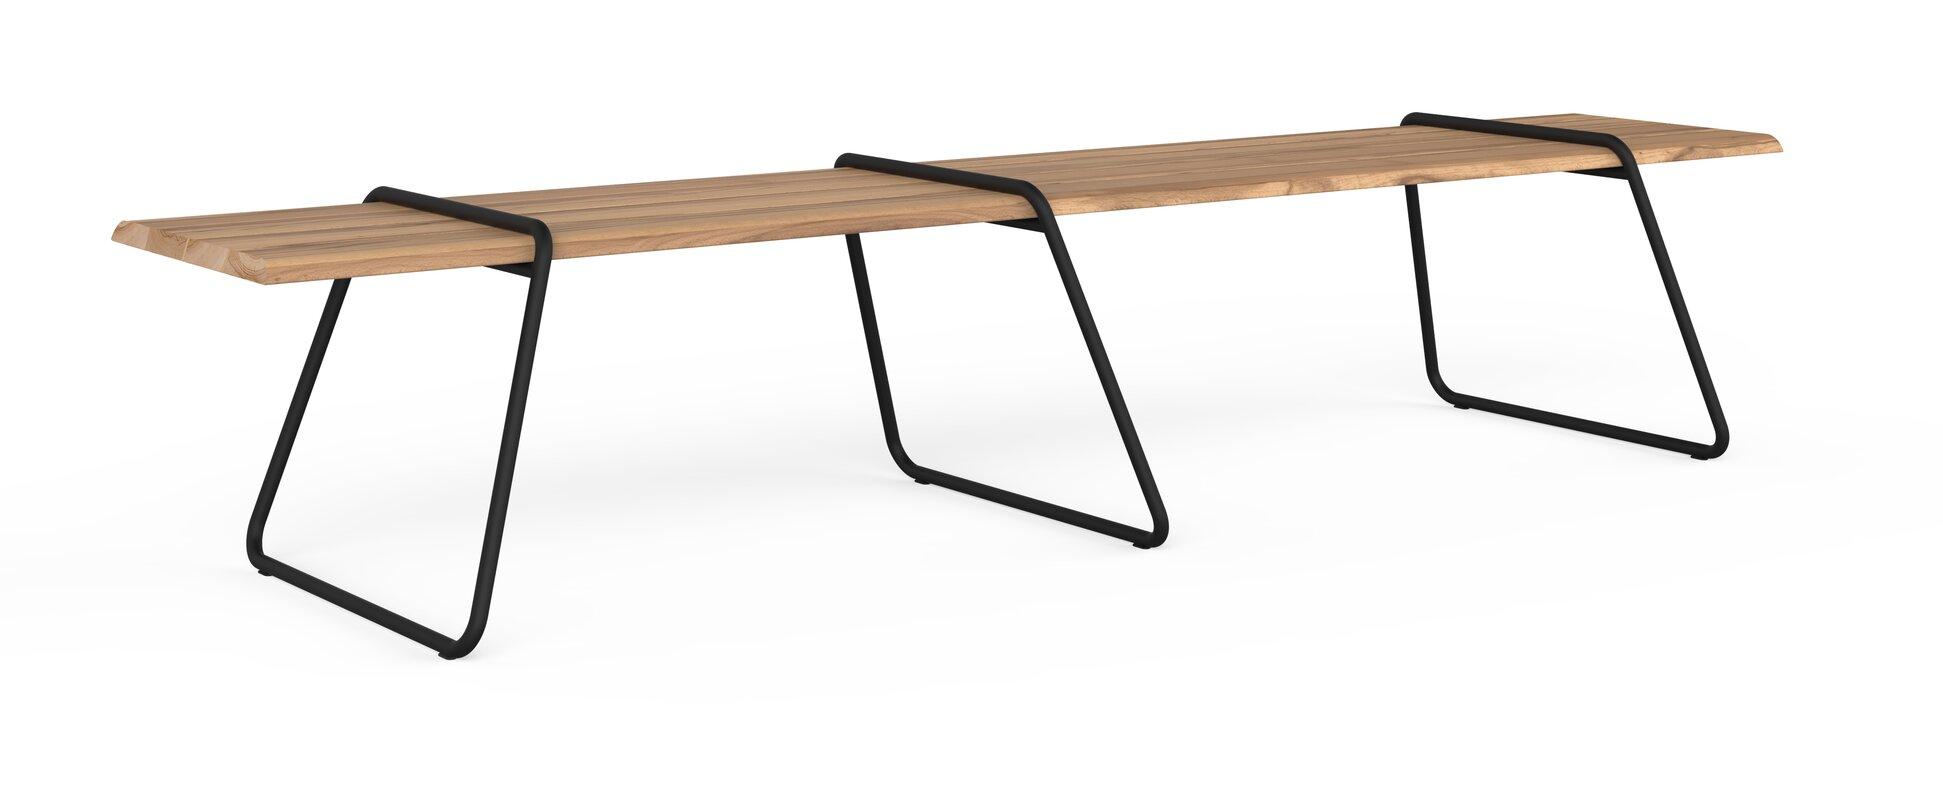 Charmant Picknicktisch Rahmen Kit Bilder - Benutzerdefinierte ...